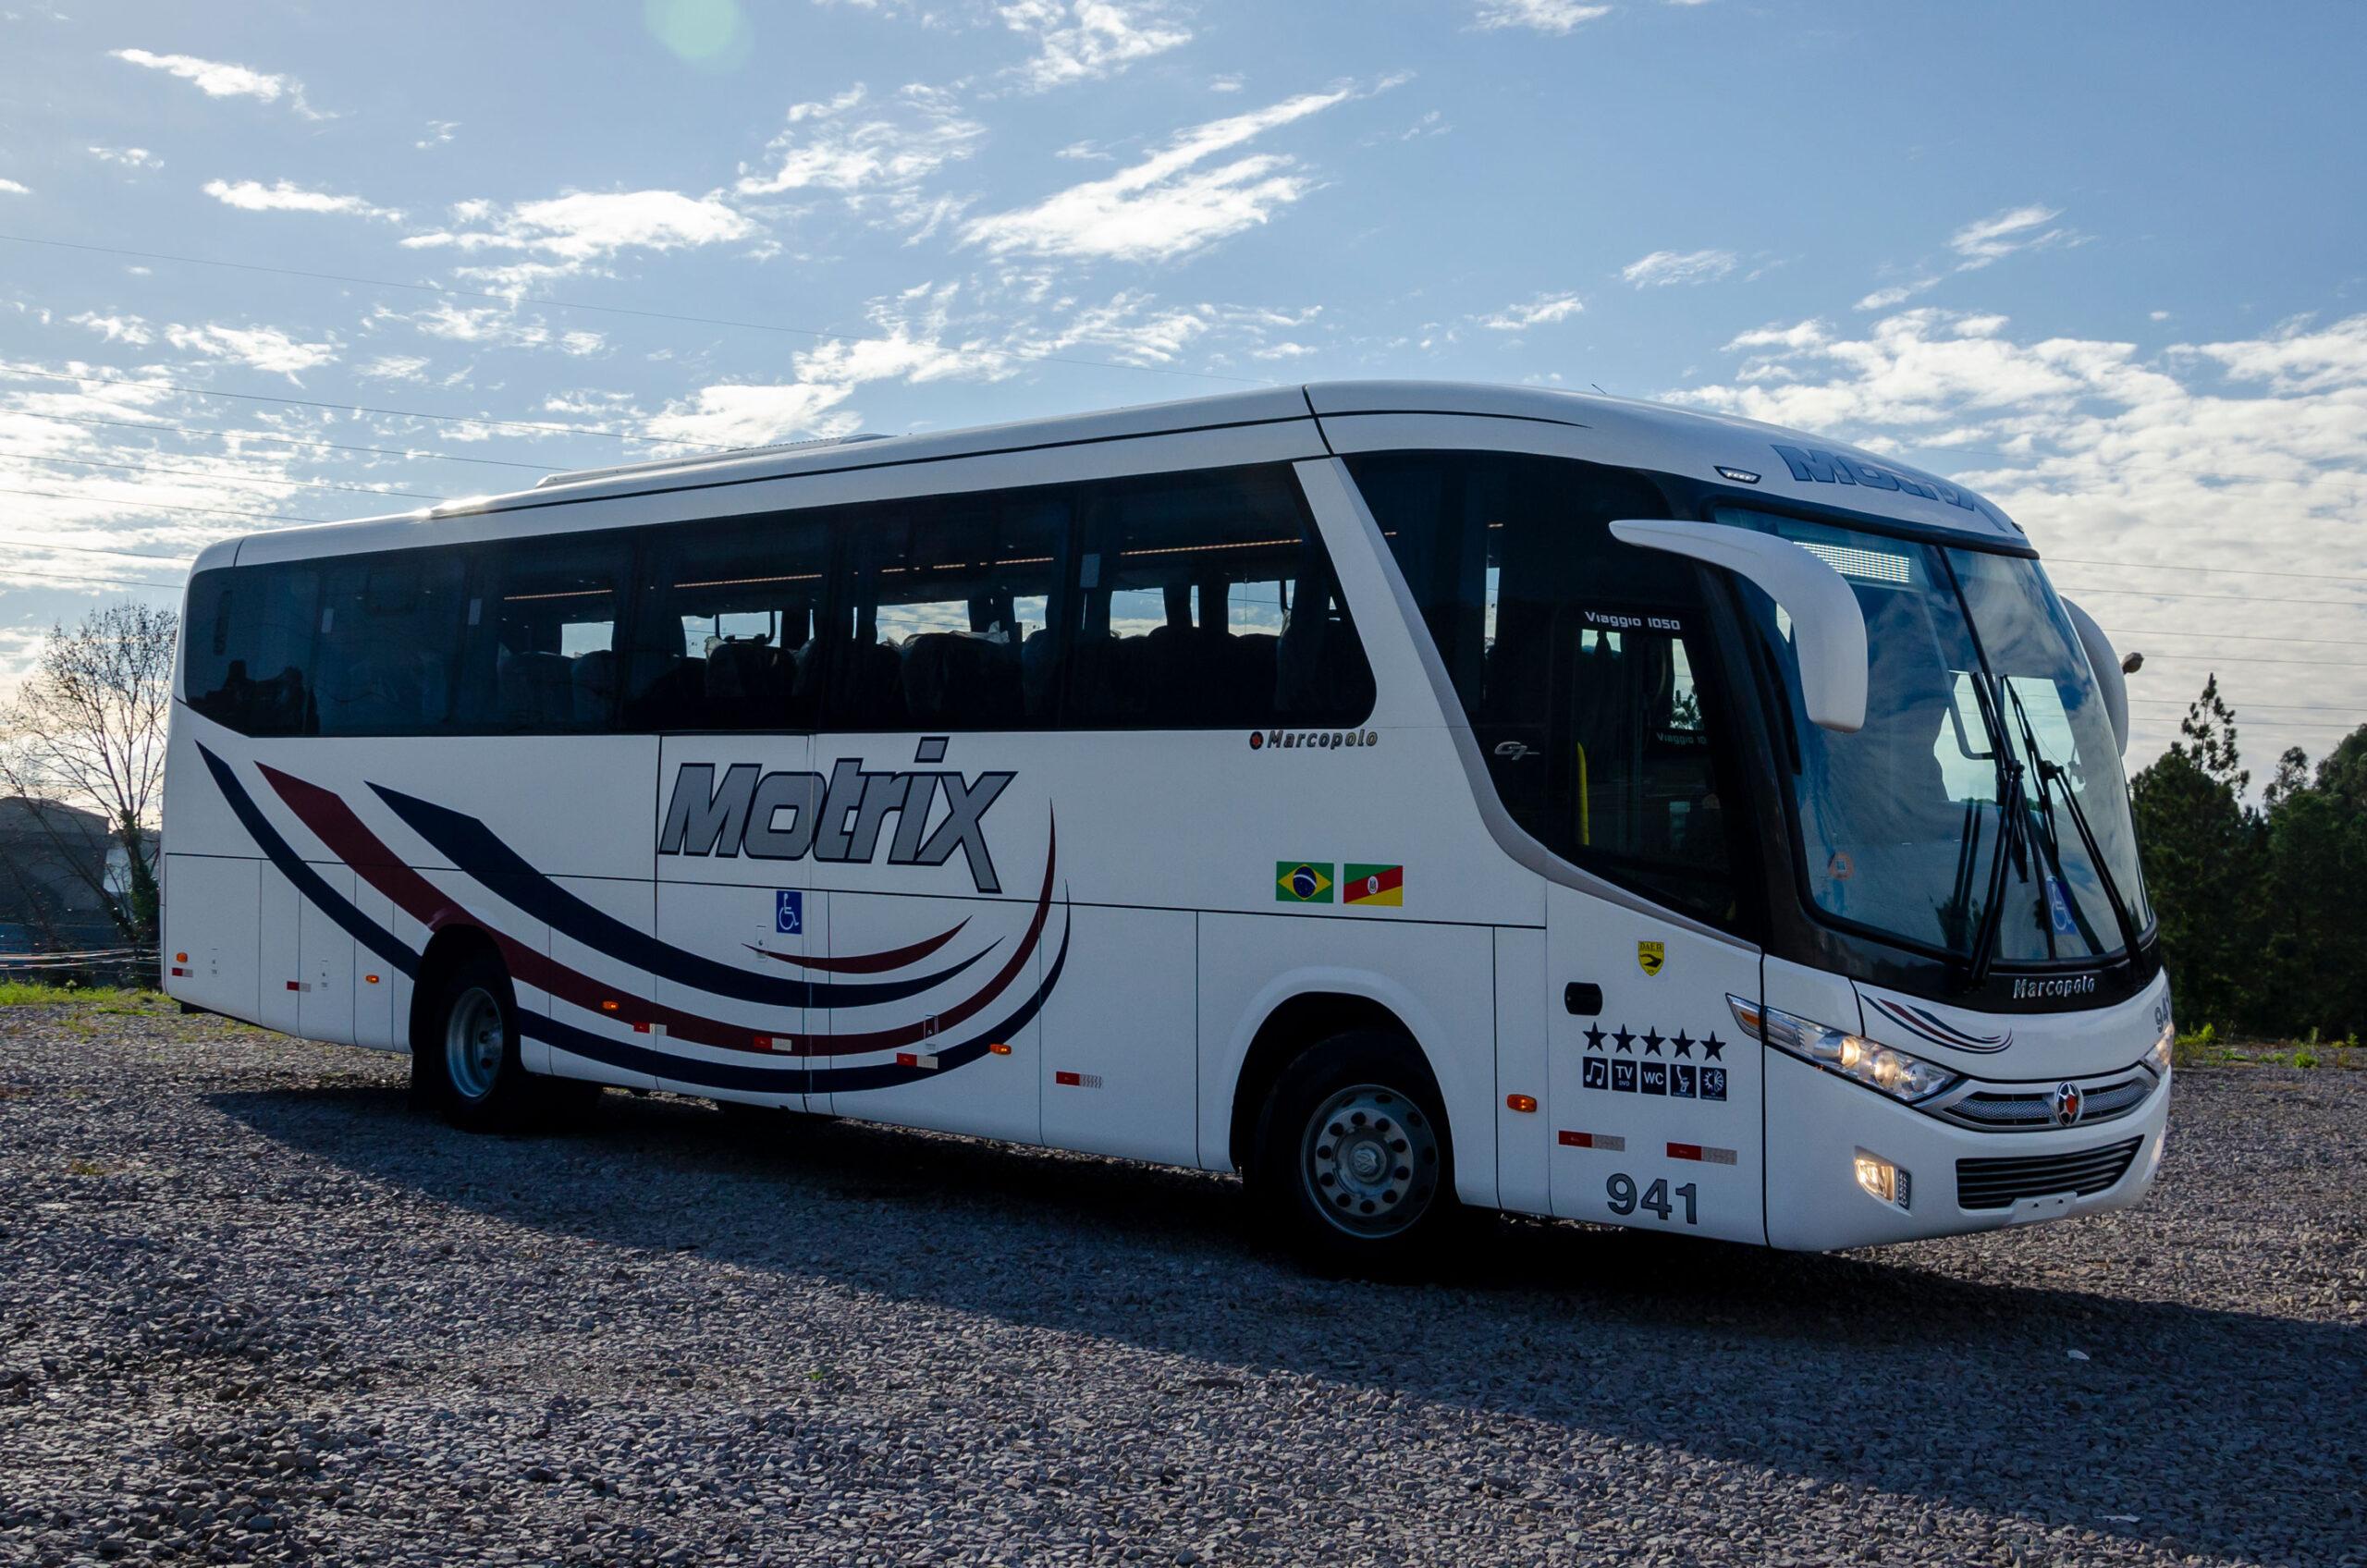 Viaggio-1050-Motrix-(6)